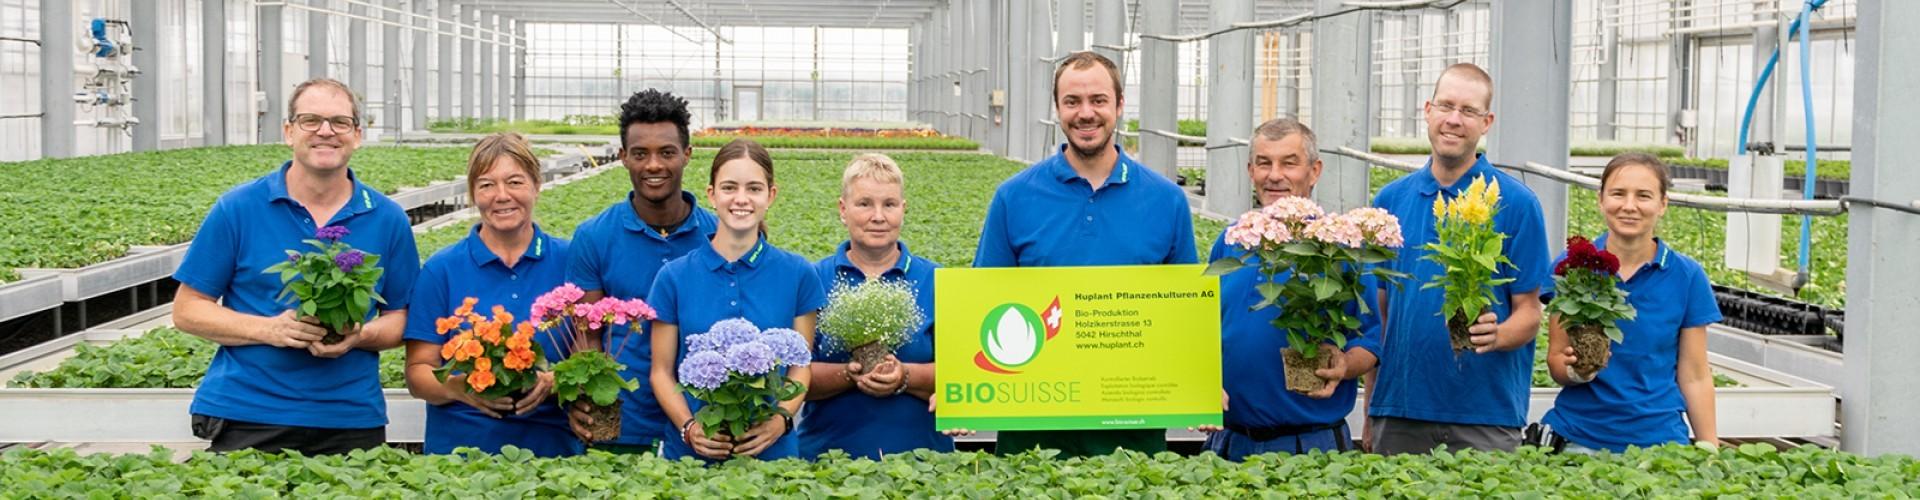 Bioproduktion